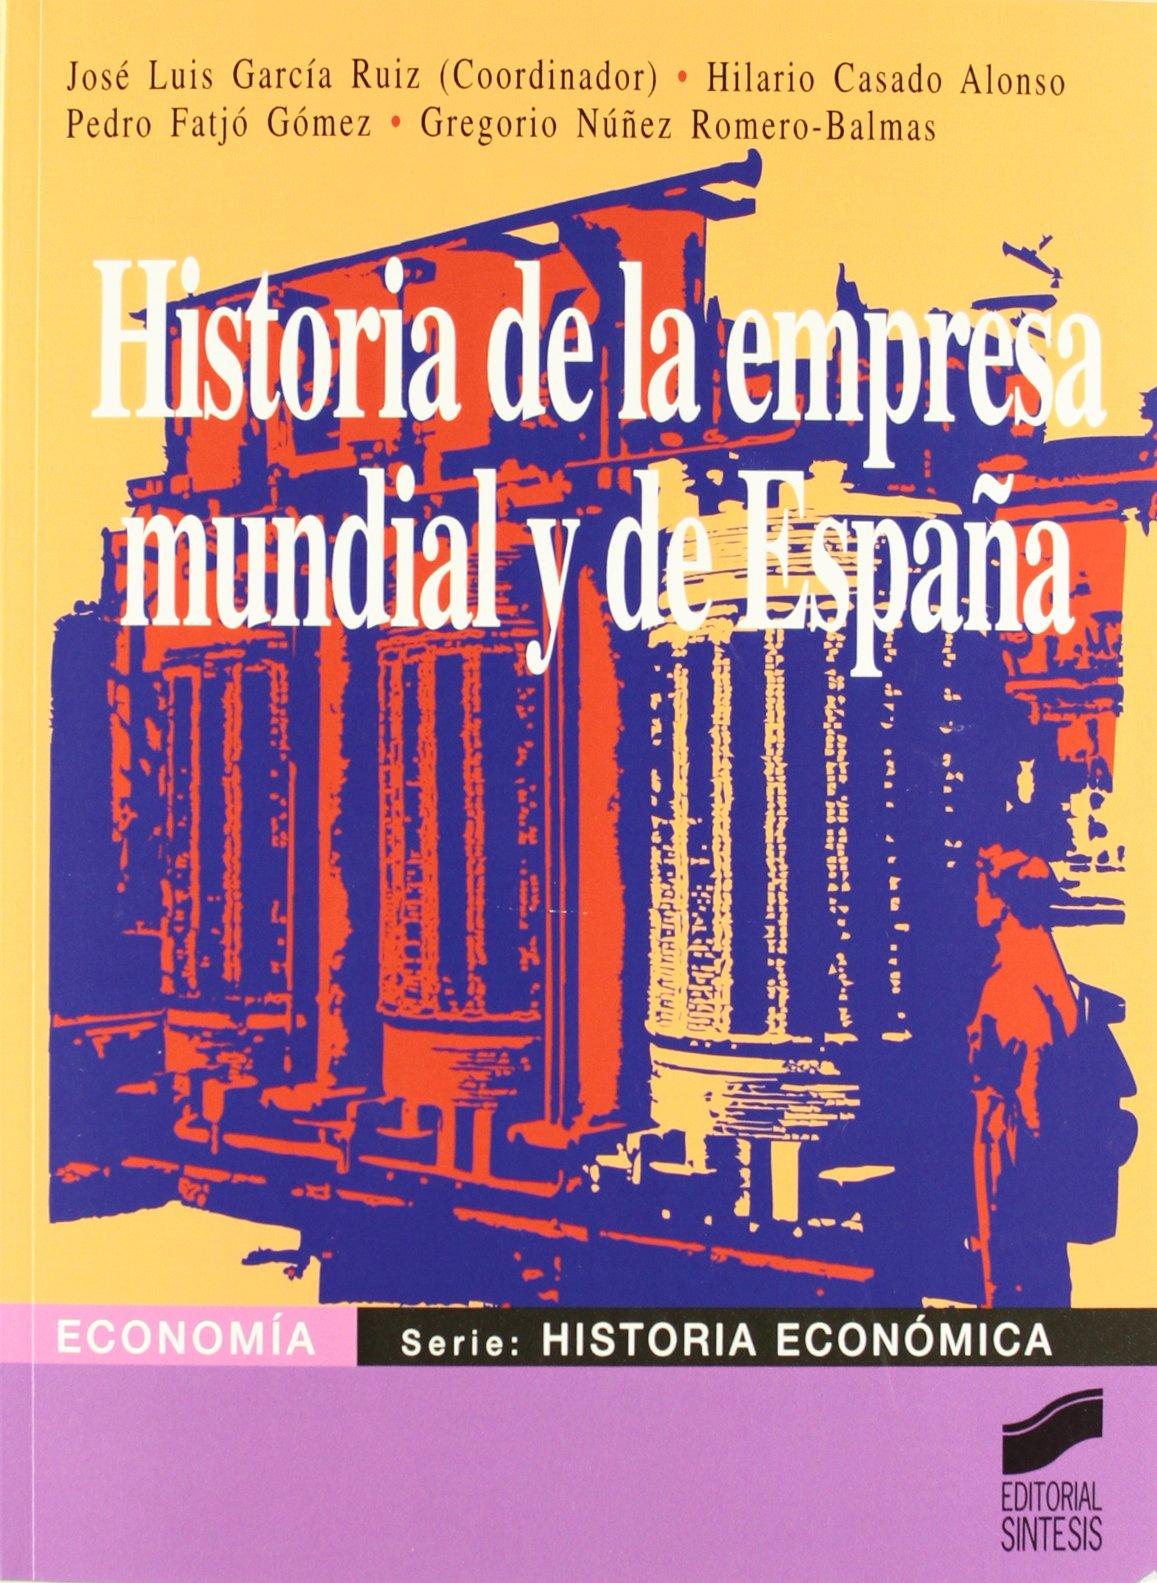 Historia de la empresa mundial y de España Sintesis Economia: Amazon.es: García Ruiz, J. Luis: Libros